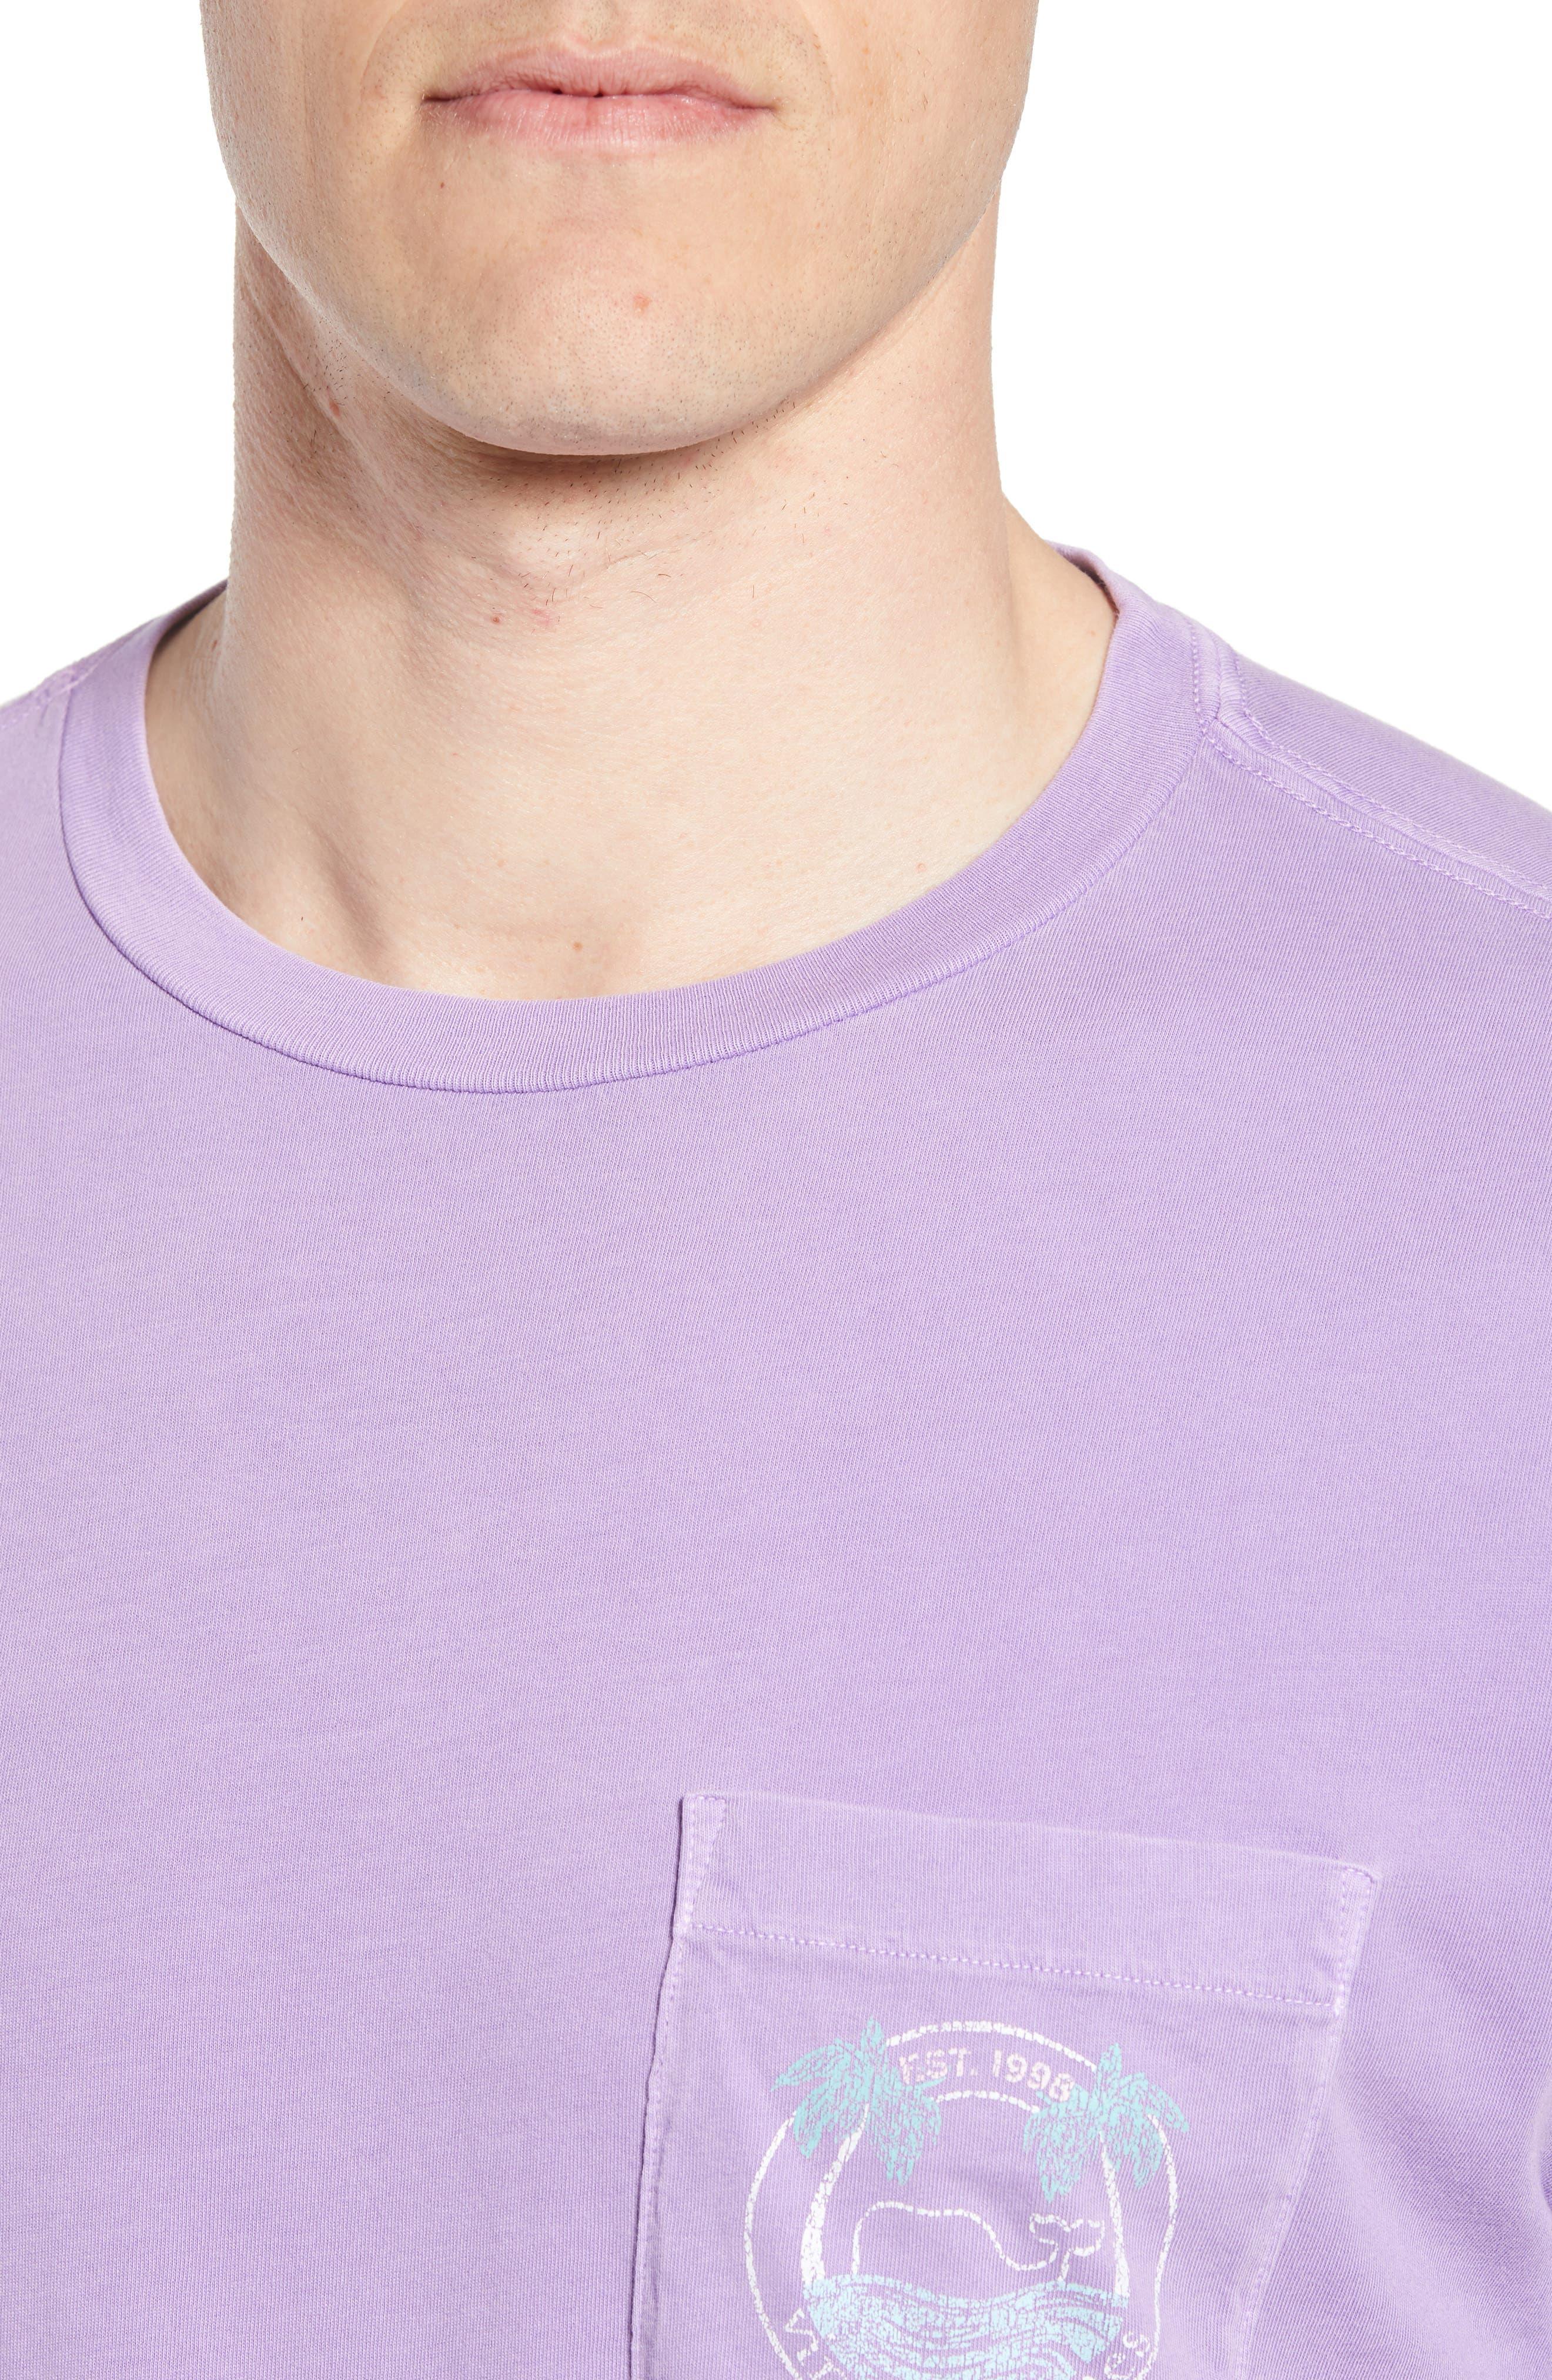 Tropical Crest Pima Cotton Pocket T-Shirt,                             Alternate thumbnail 4, color,